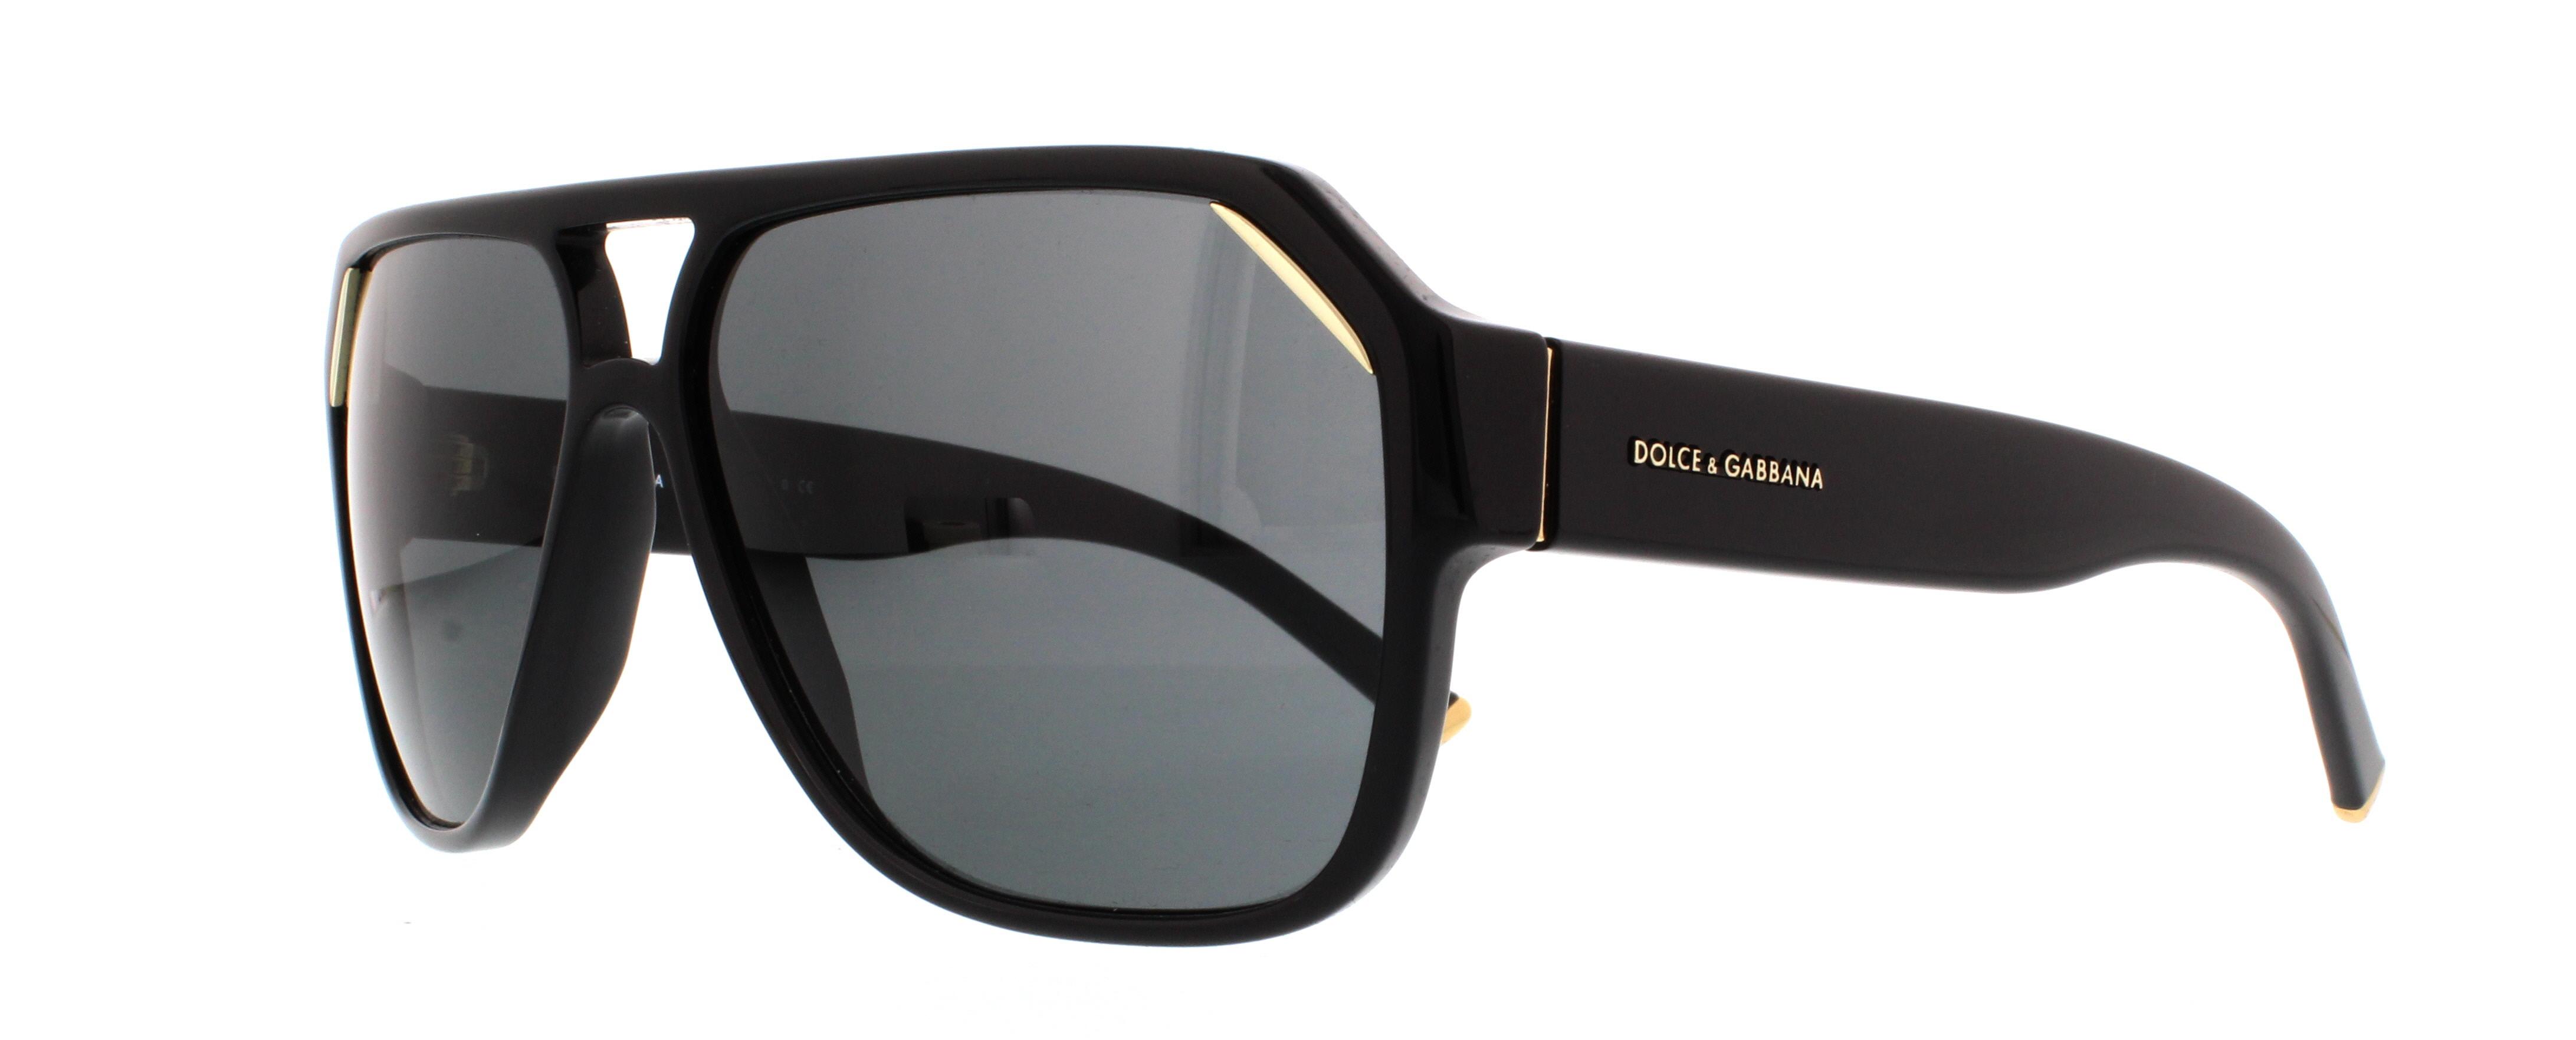 6a33dec383a8 Dolce Gabbana Sunglasses Ebay